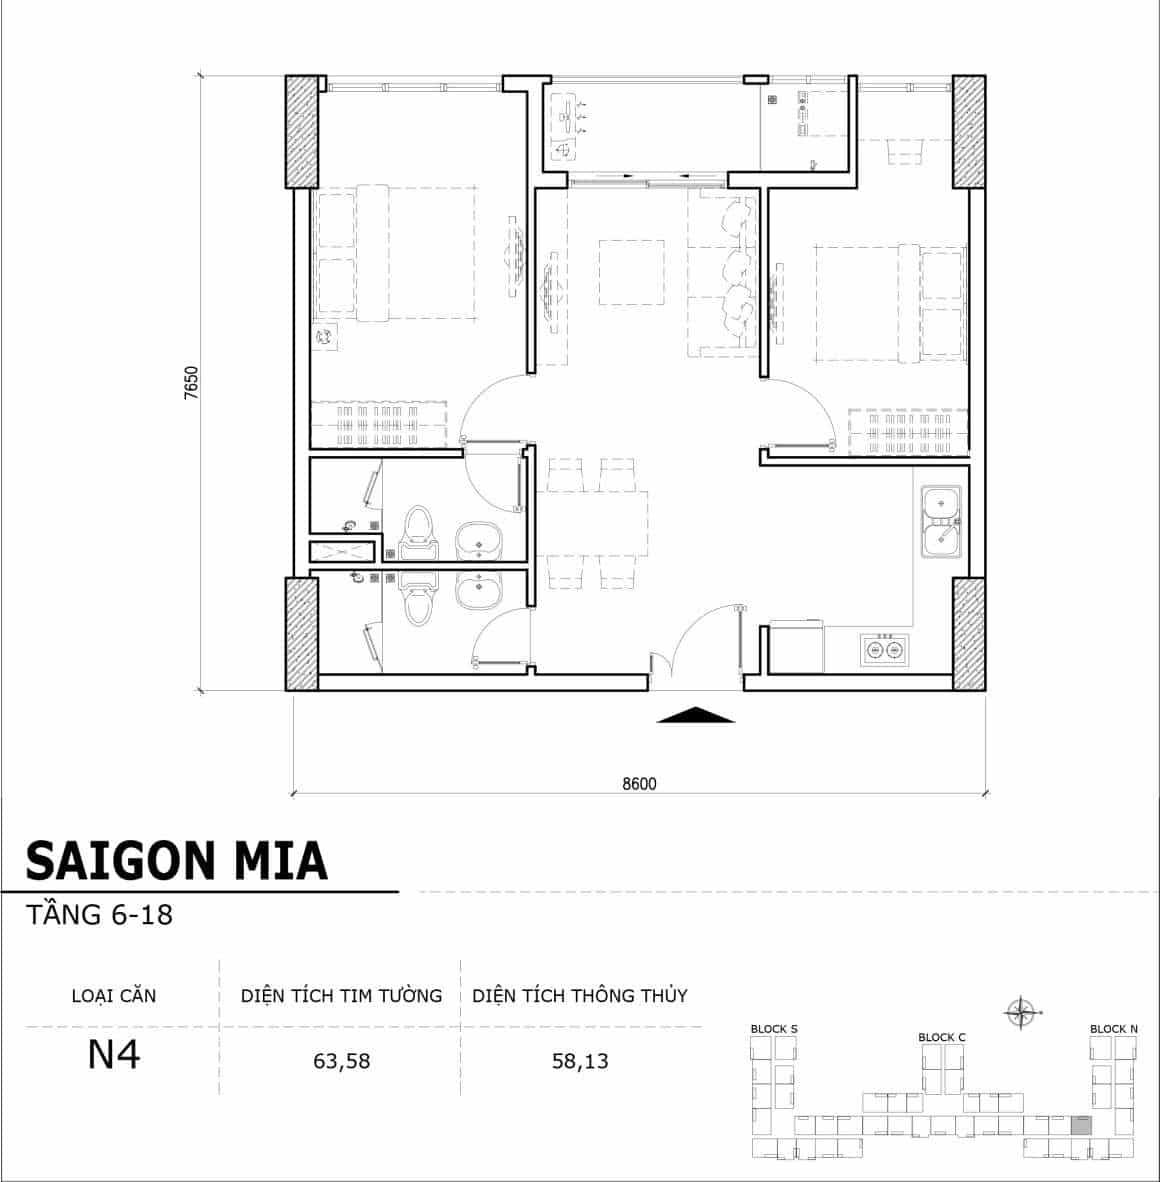 Chi tiết thiết kế căn hộ điển hình tầng 6-18 dự án Sài Gòn Mia - Căn N4